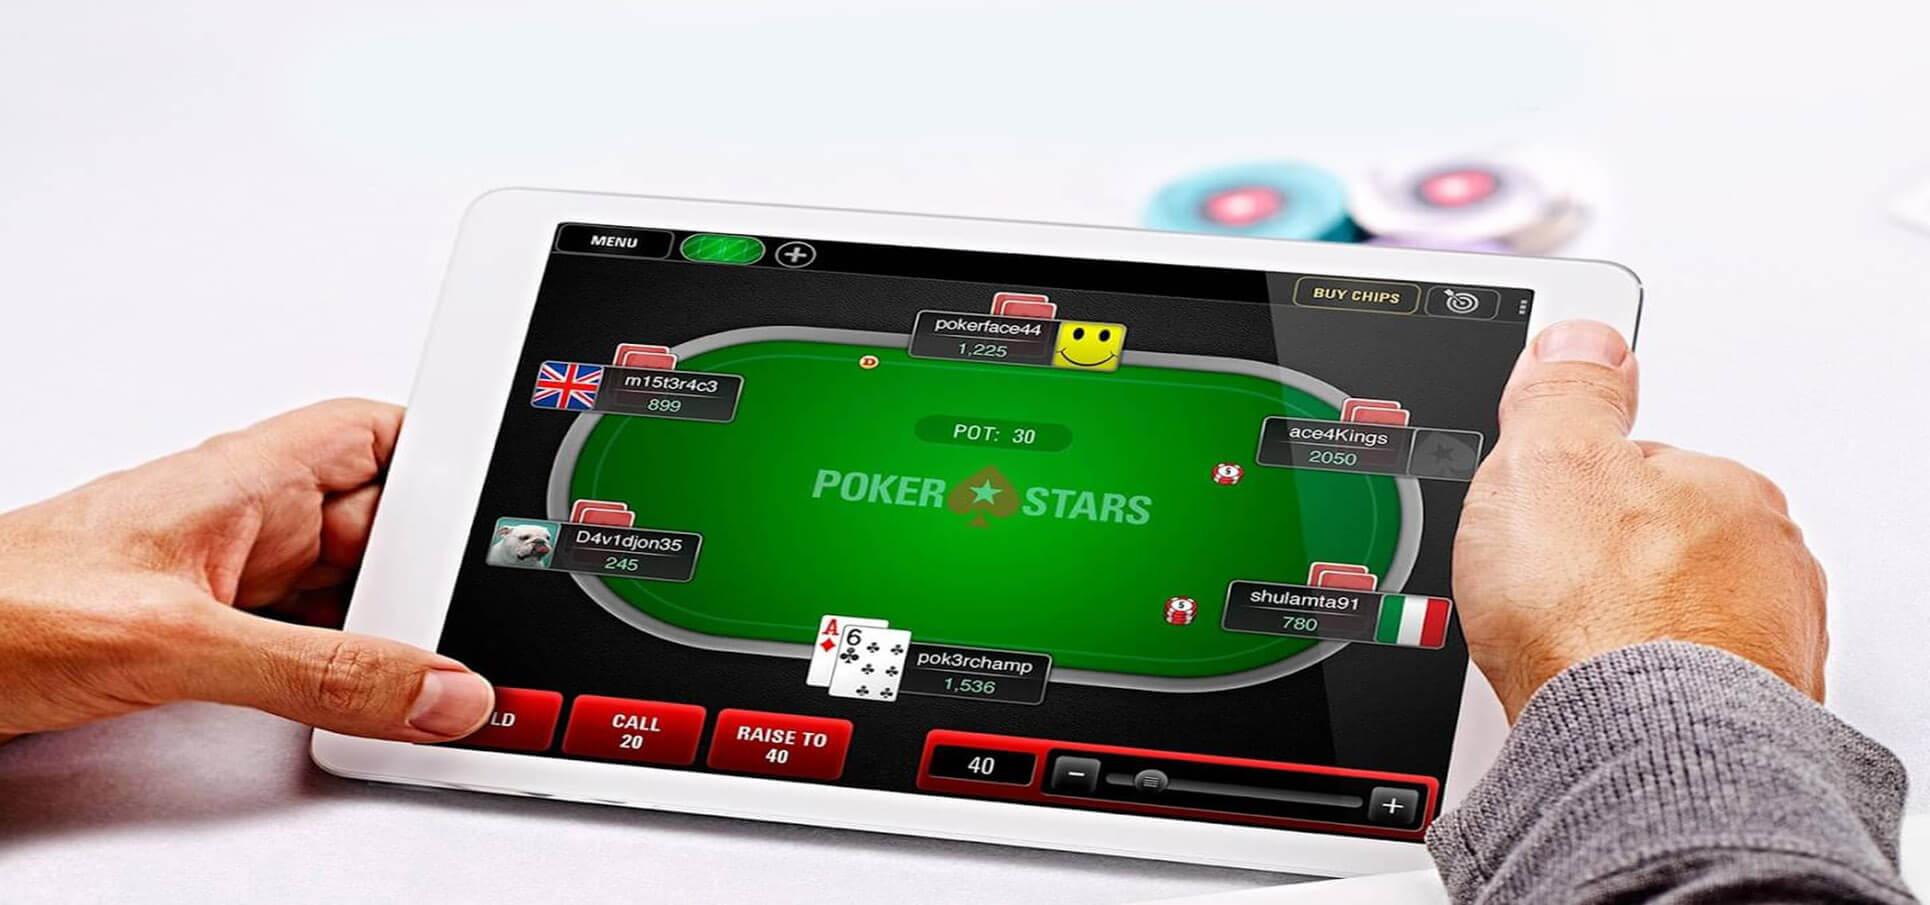 казино вулкан играть бесплатно без регистрации без смс